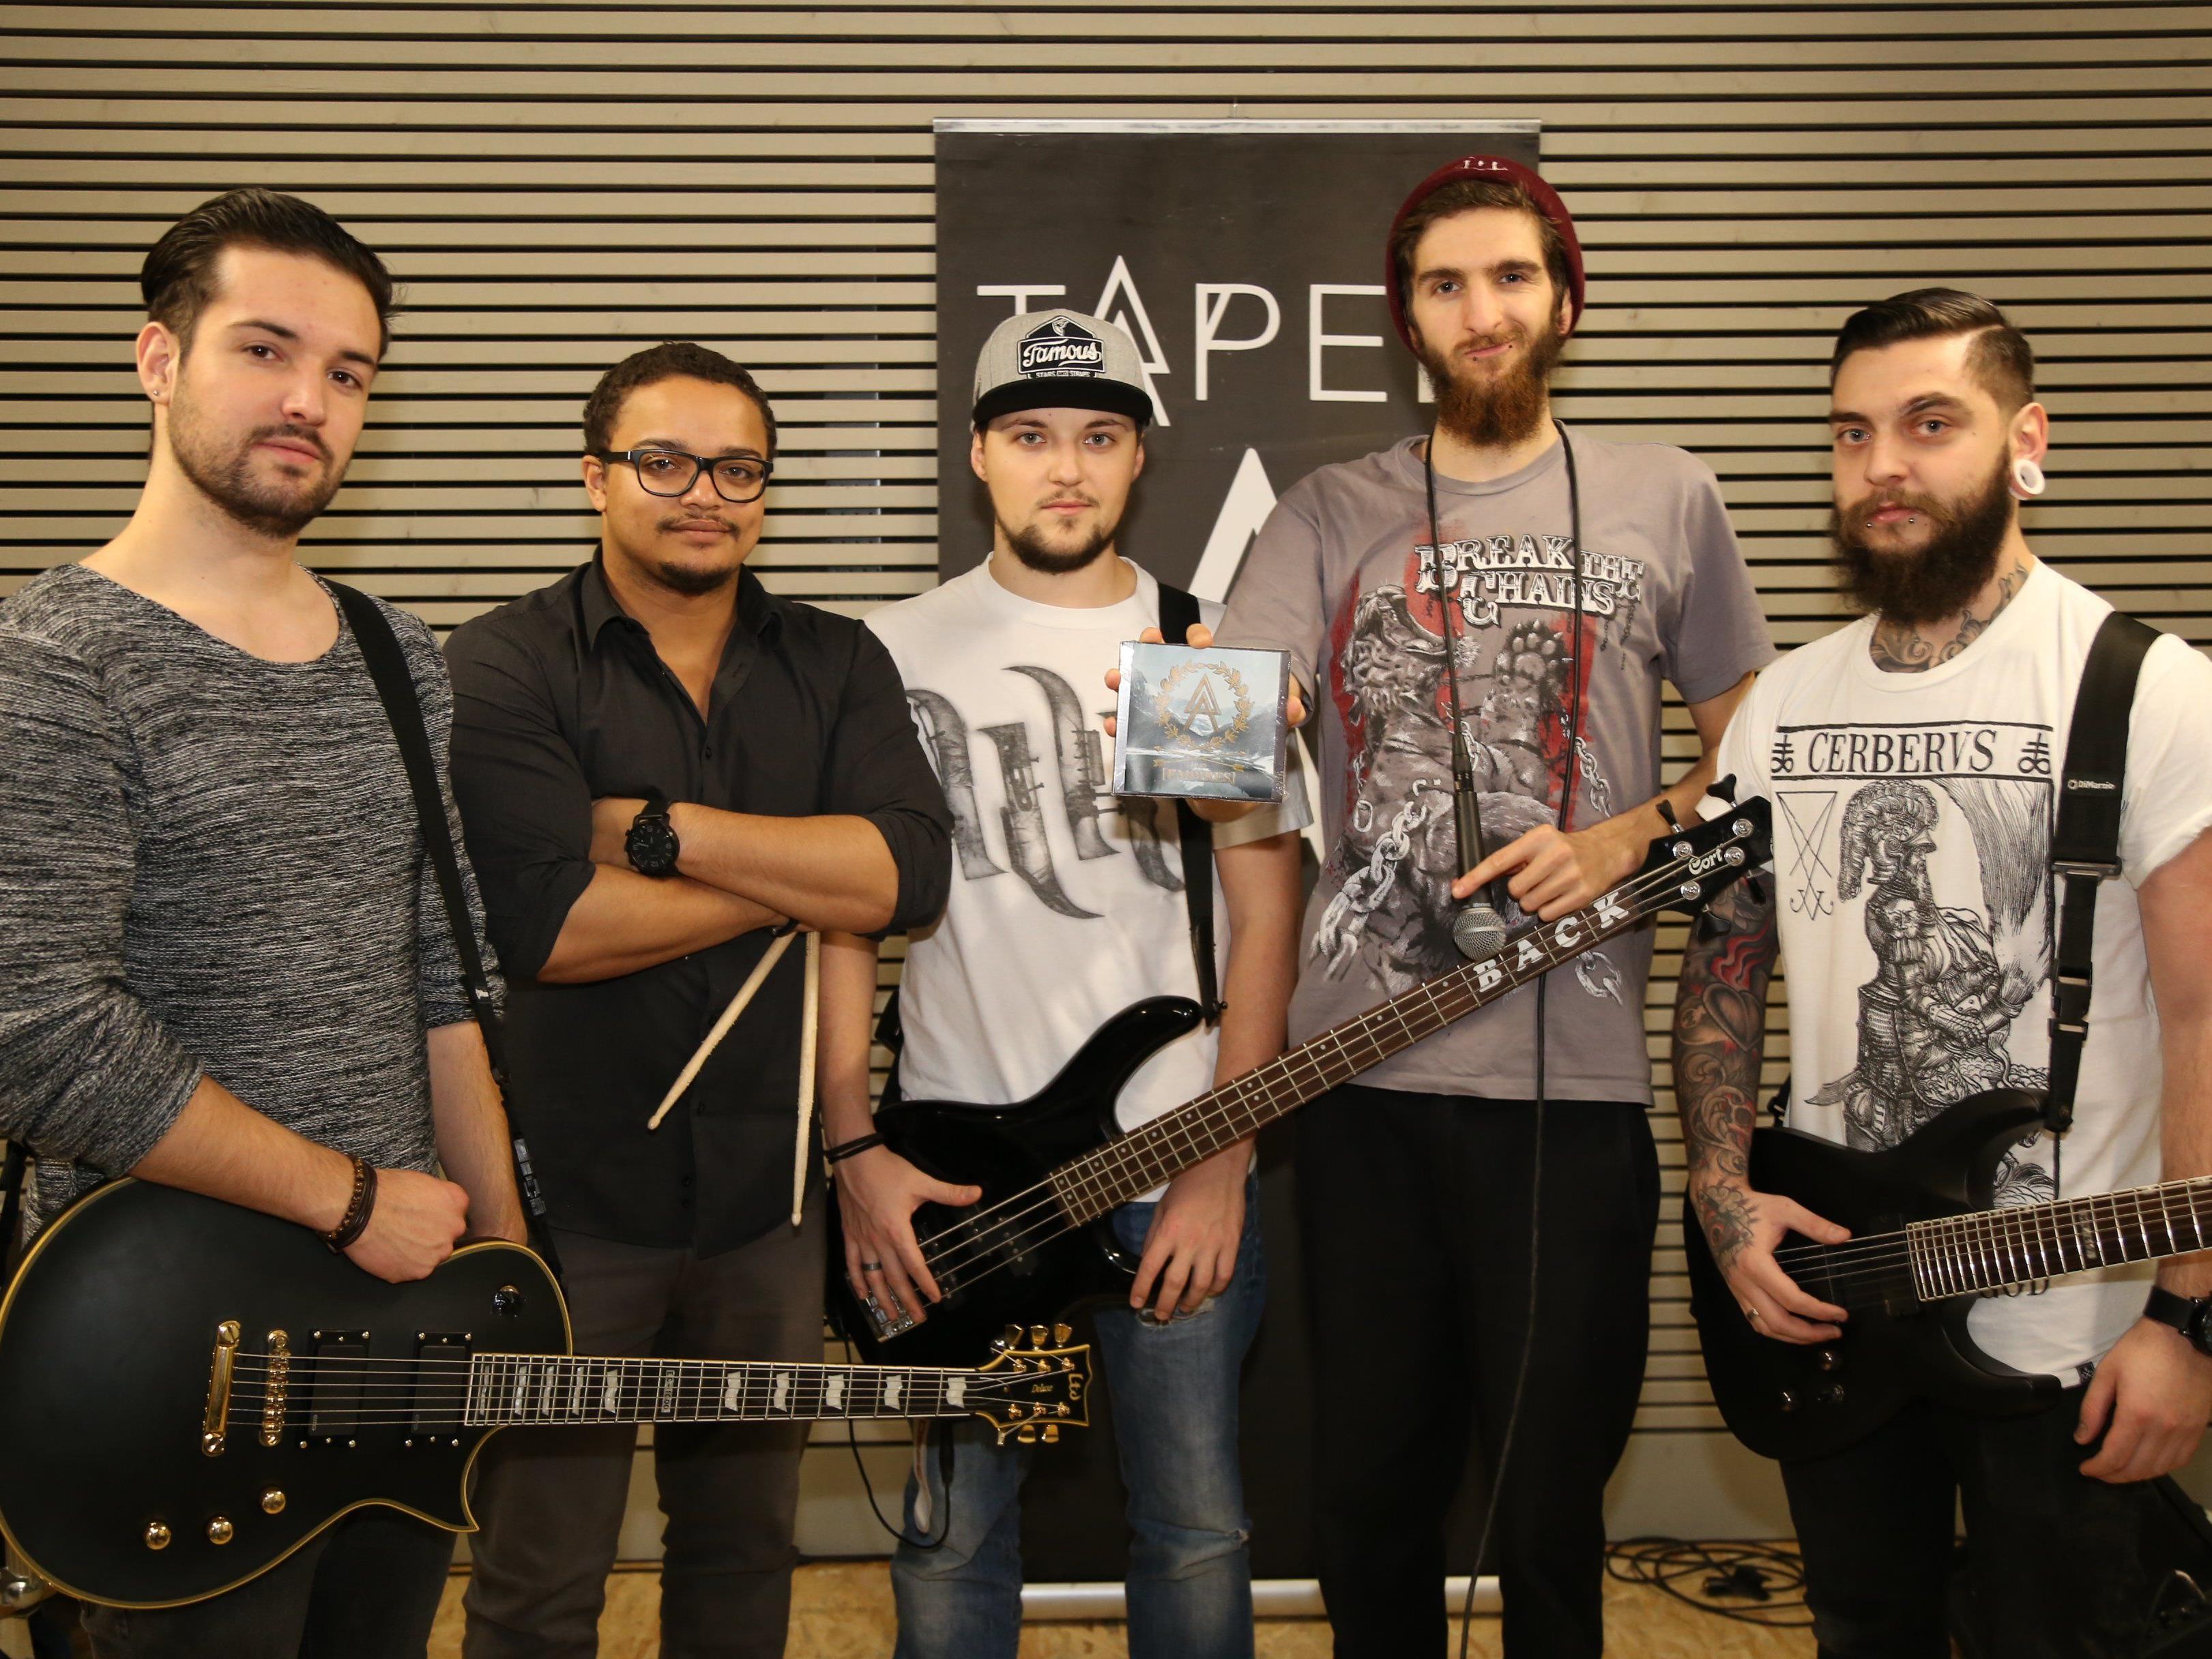 Seit 2009 rockt die Band gemeinsam die Bühnen – am Freitag, 13. Februar erscheint ihr erstes Album.